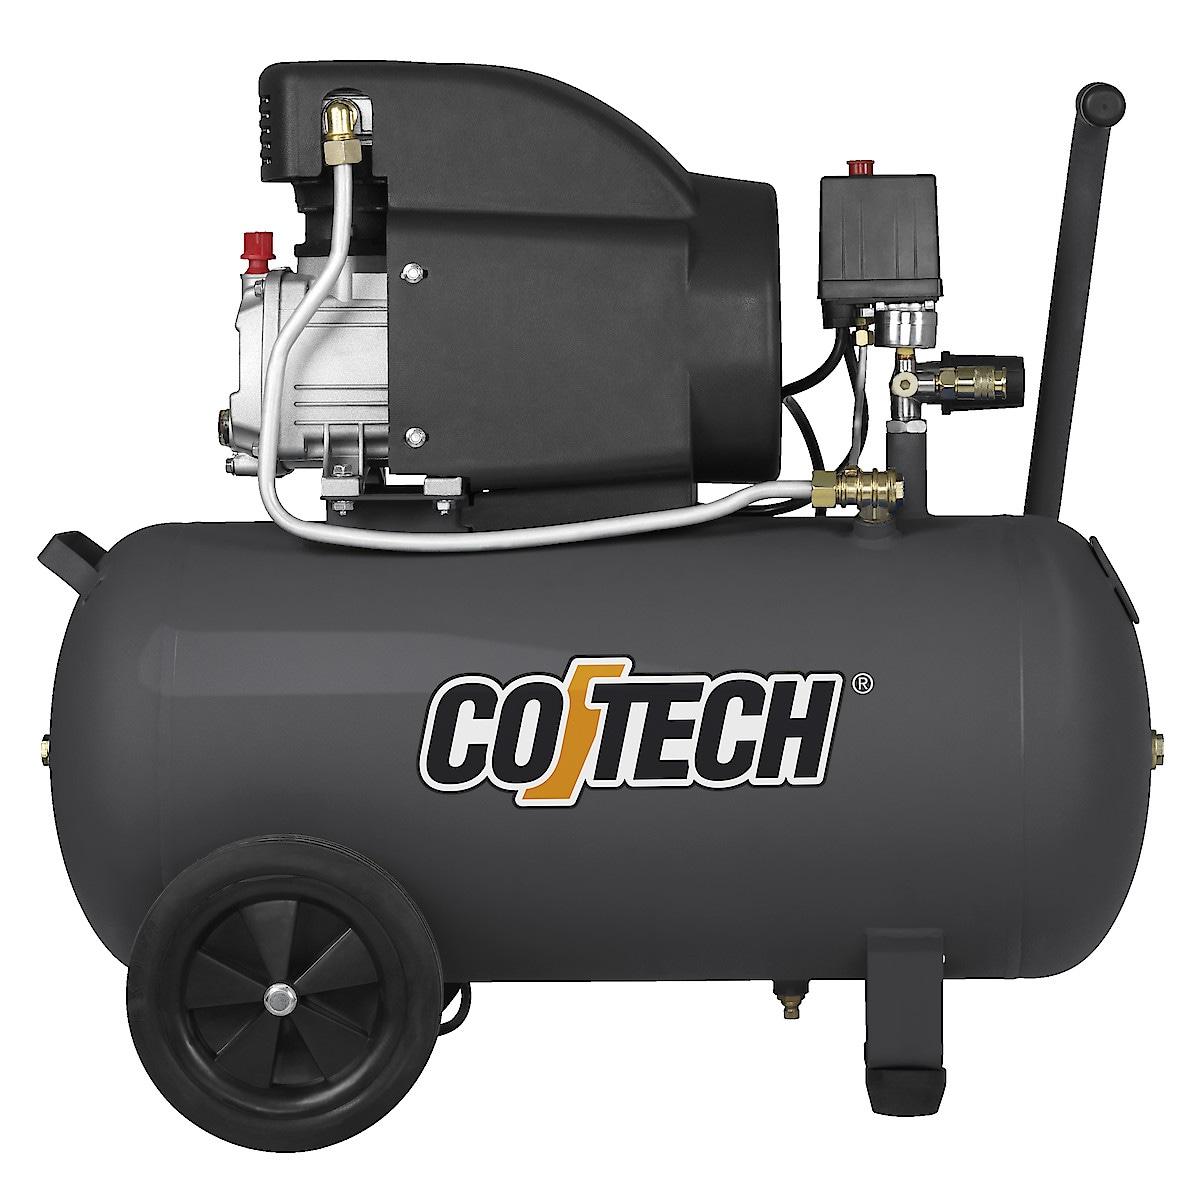 Cotech 50 Air Compressor